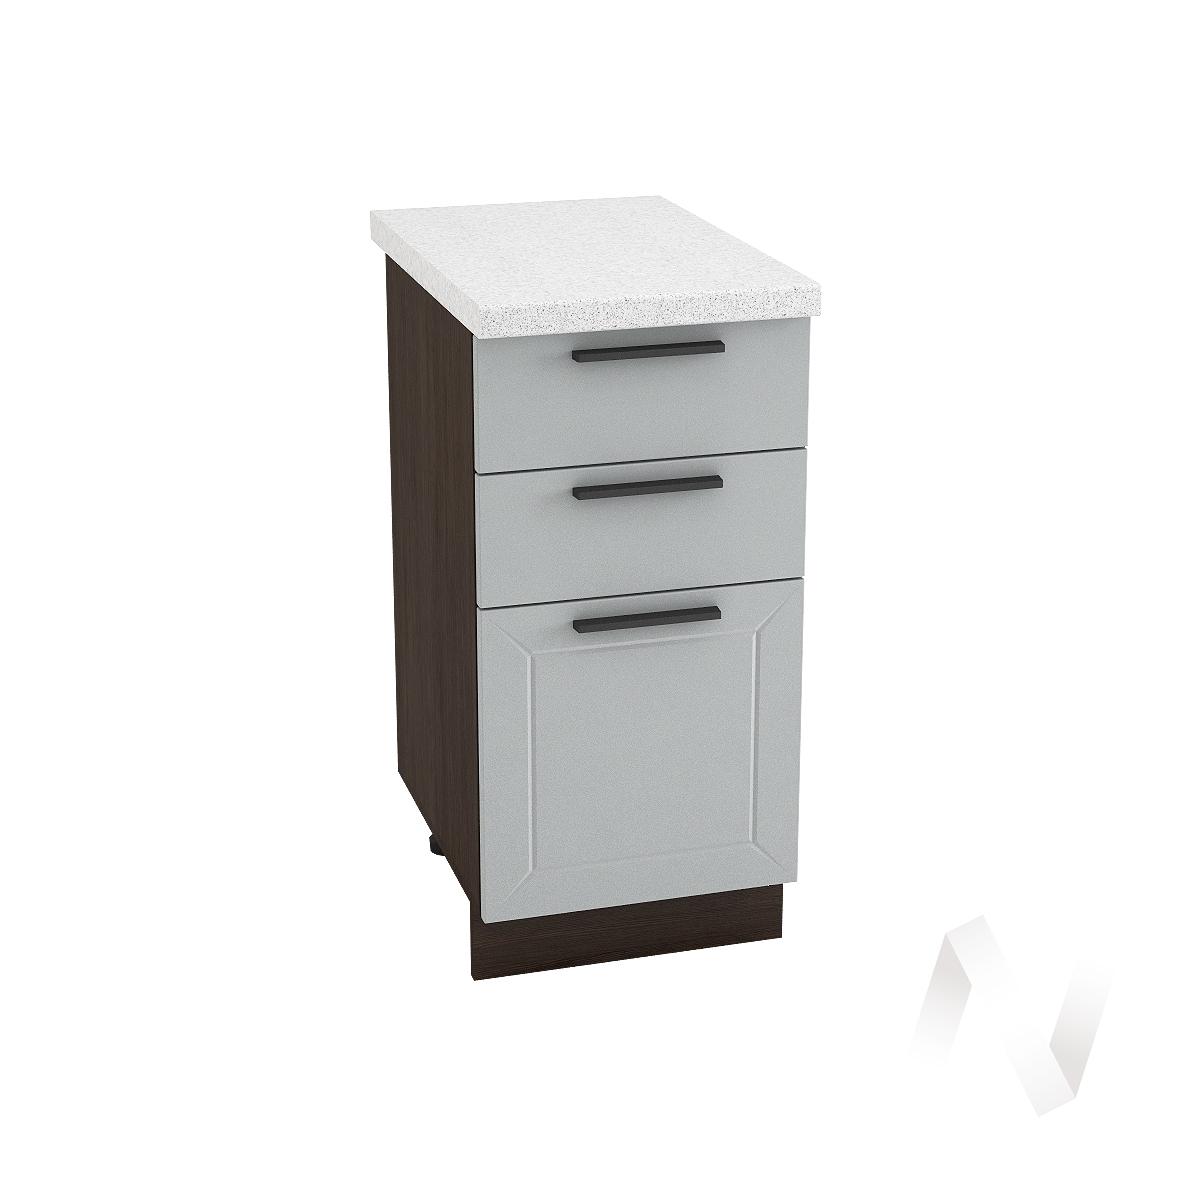 """Кухня """"Глетчер"""": Шкаф нижний с 3-мя ящиками 400, ШН3Я 400 (Гейнсборо Силк/корпус венге)"""